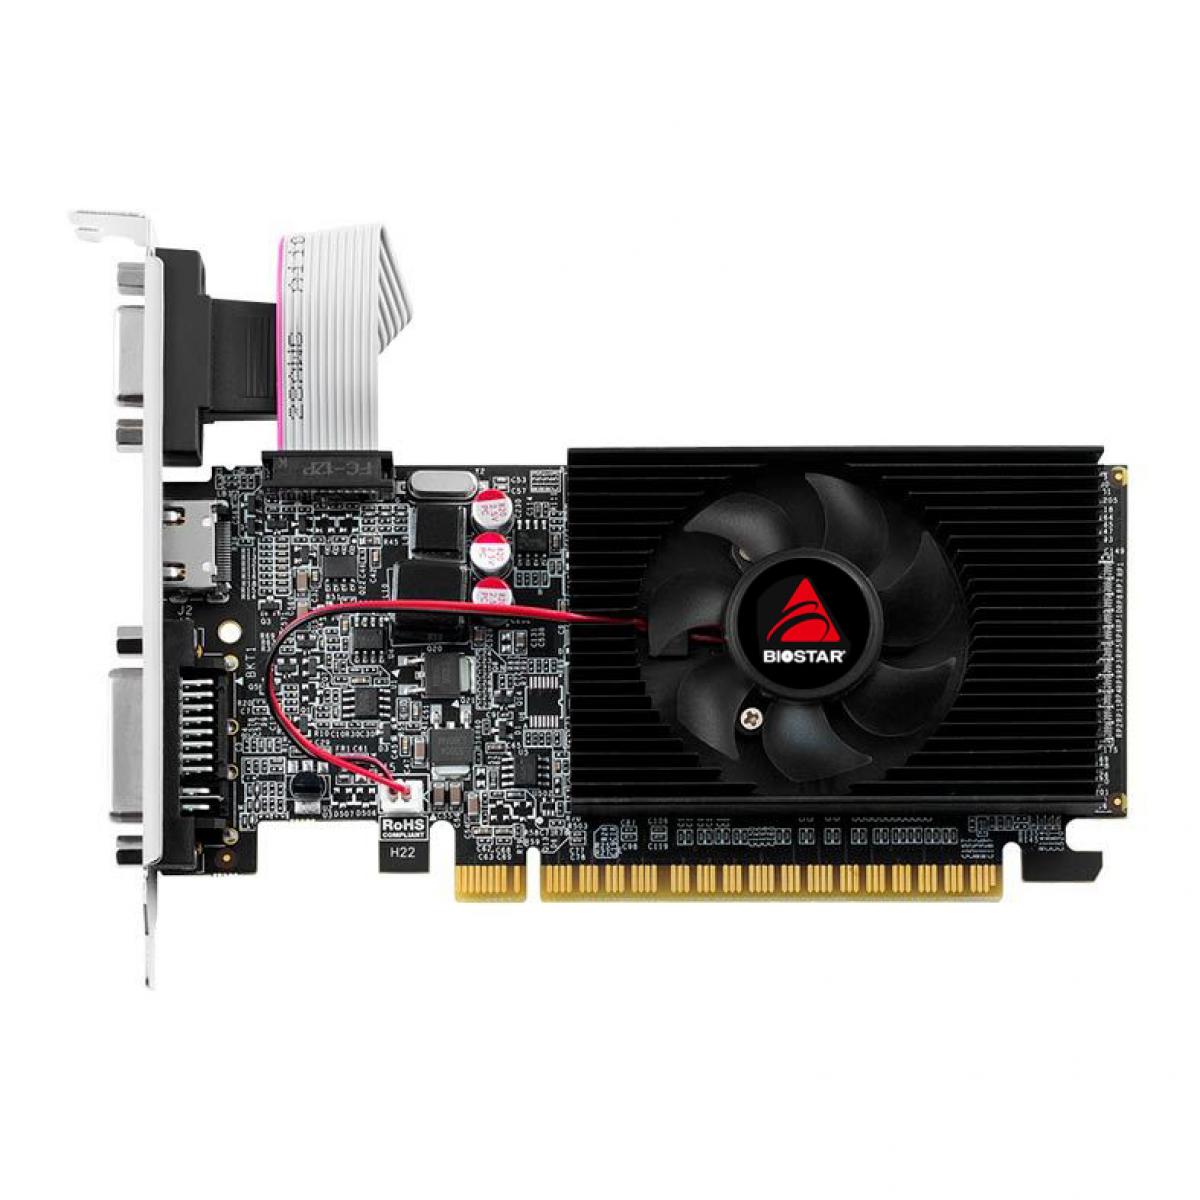 Kit Upgrade Biostar NVIDIA GeForce GT 610 2GB + Intel Core i3 10105F